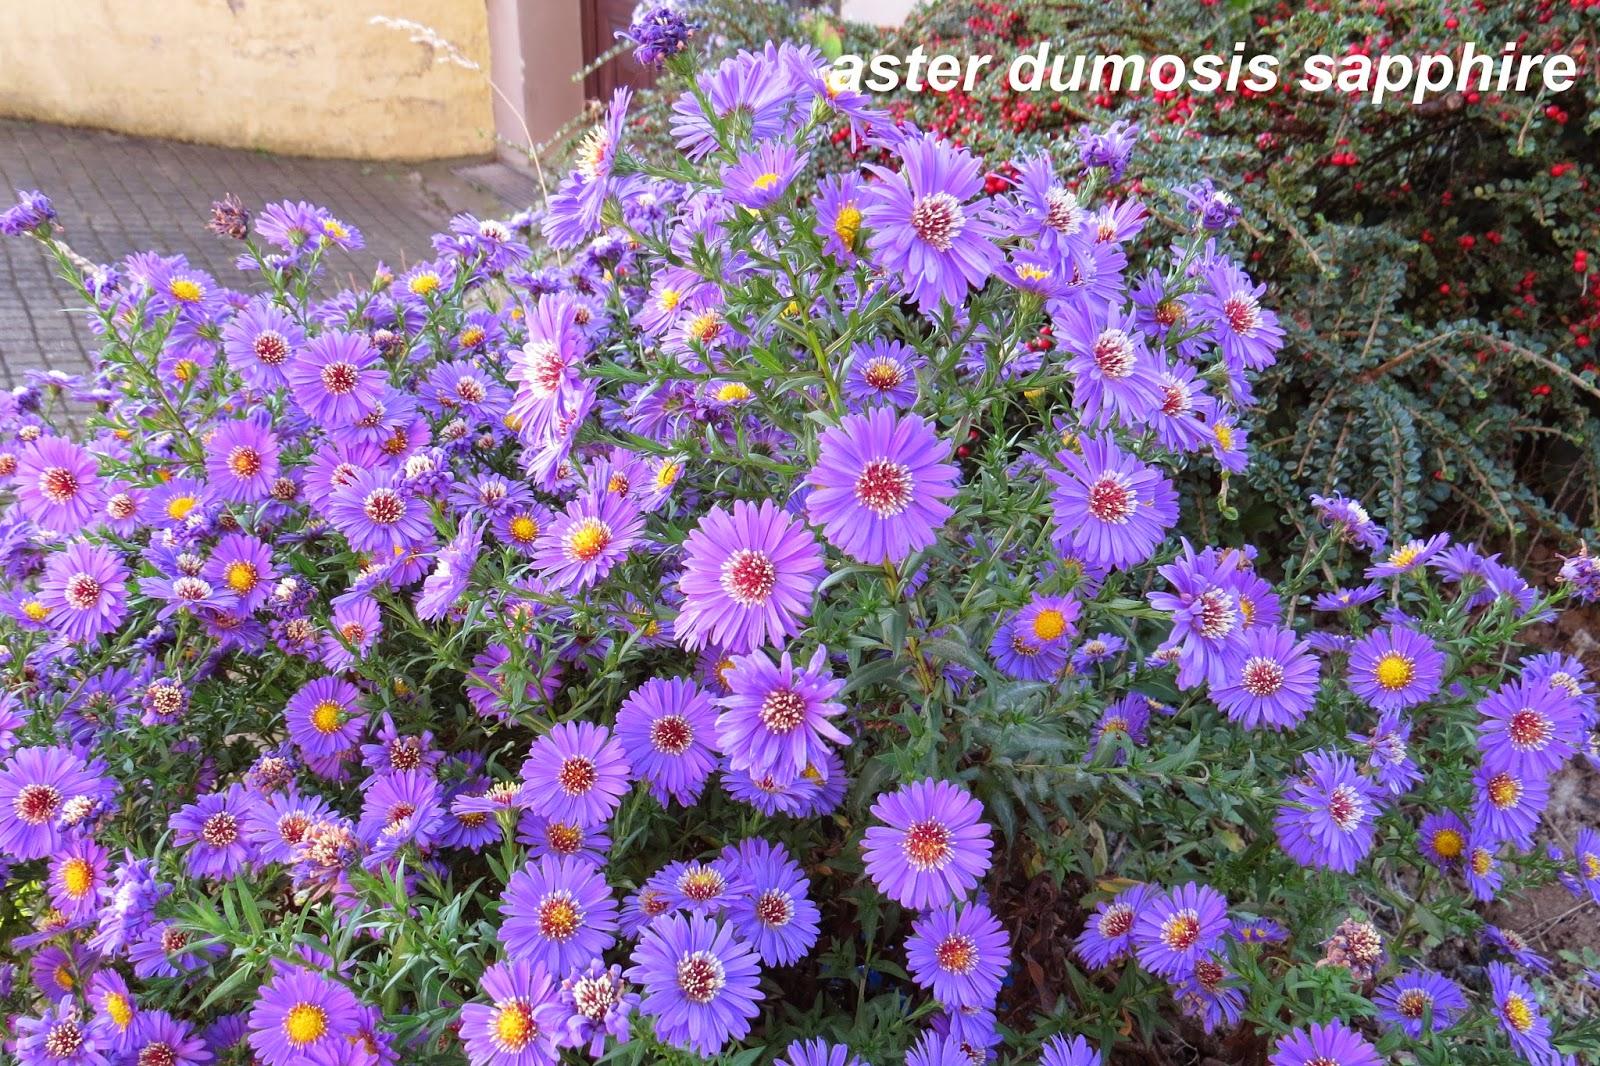 Jardin alsace vignoble for Plantes fleuries vivaces